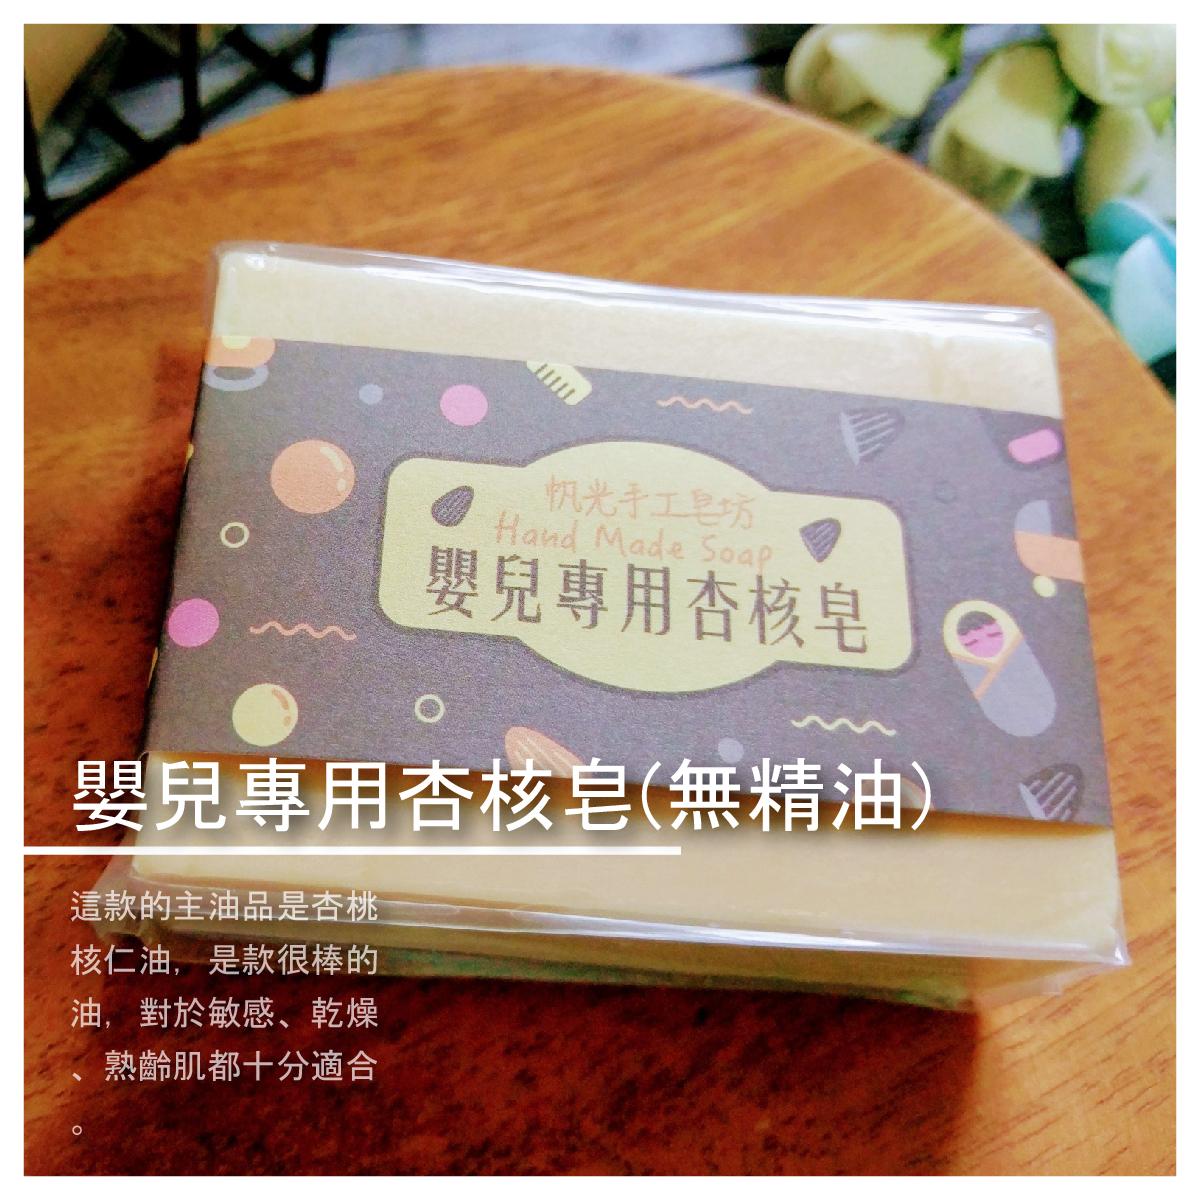 【帆光手工皂坊】嬰兒專用杏核皂(無精油) /120g